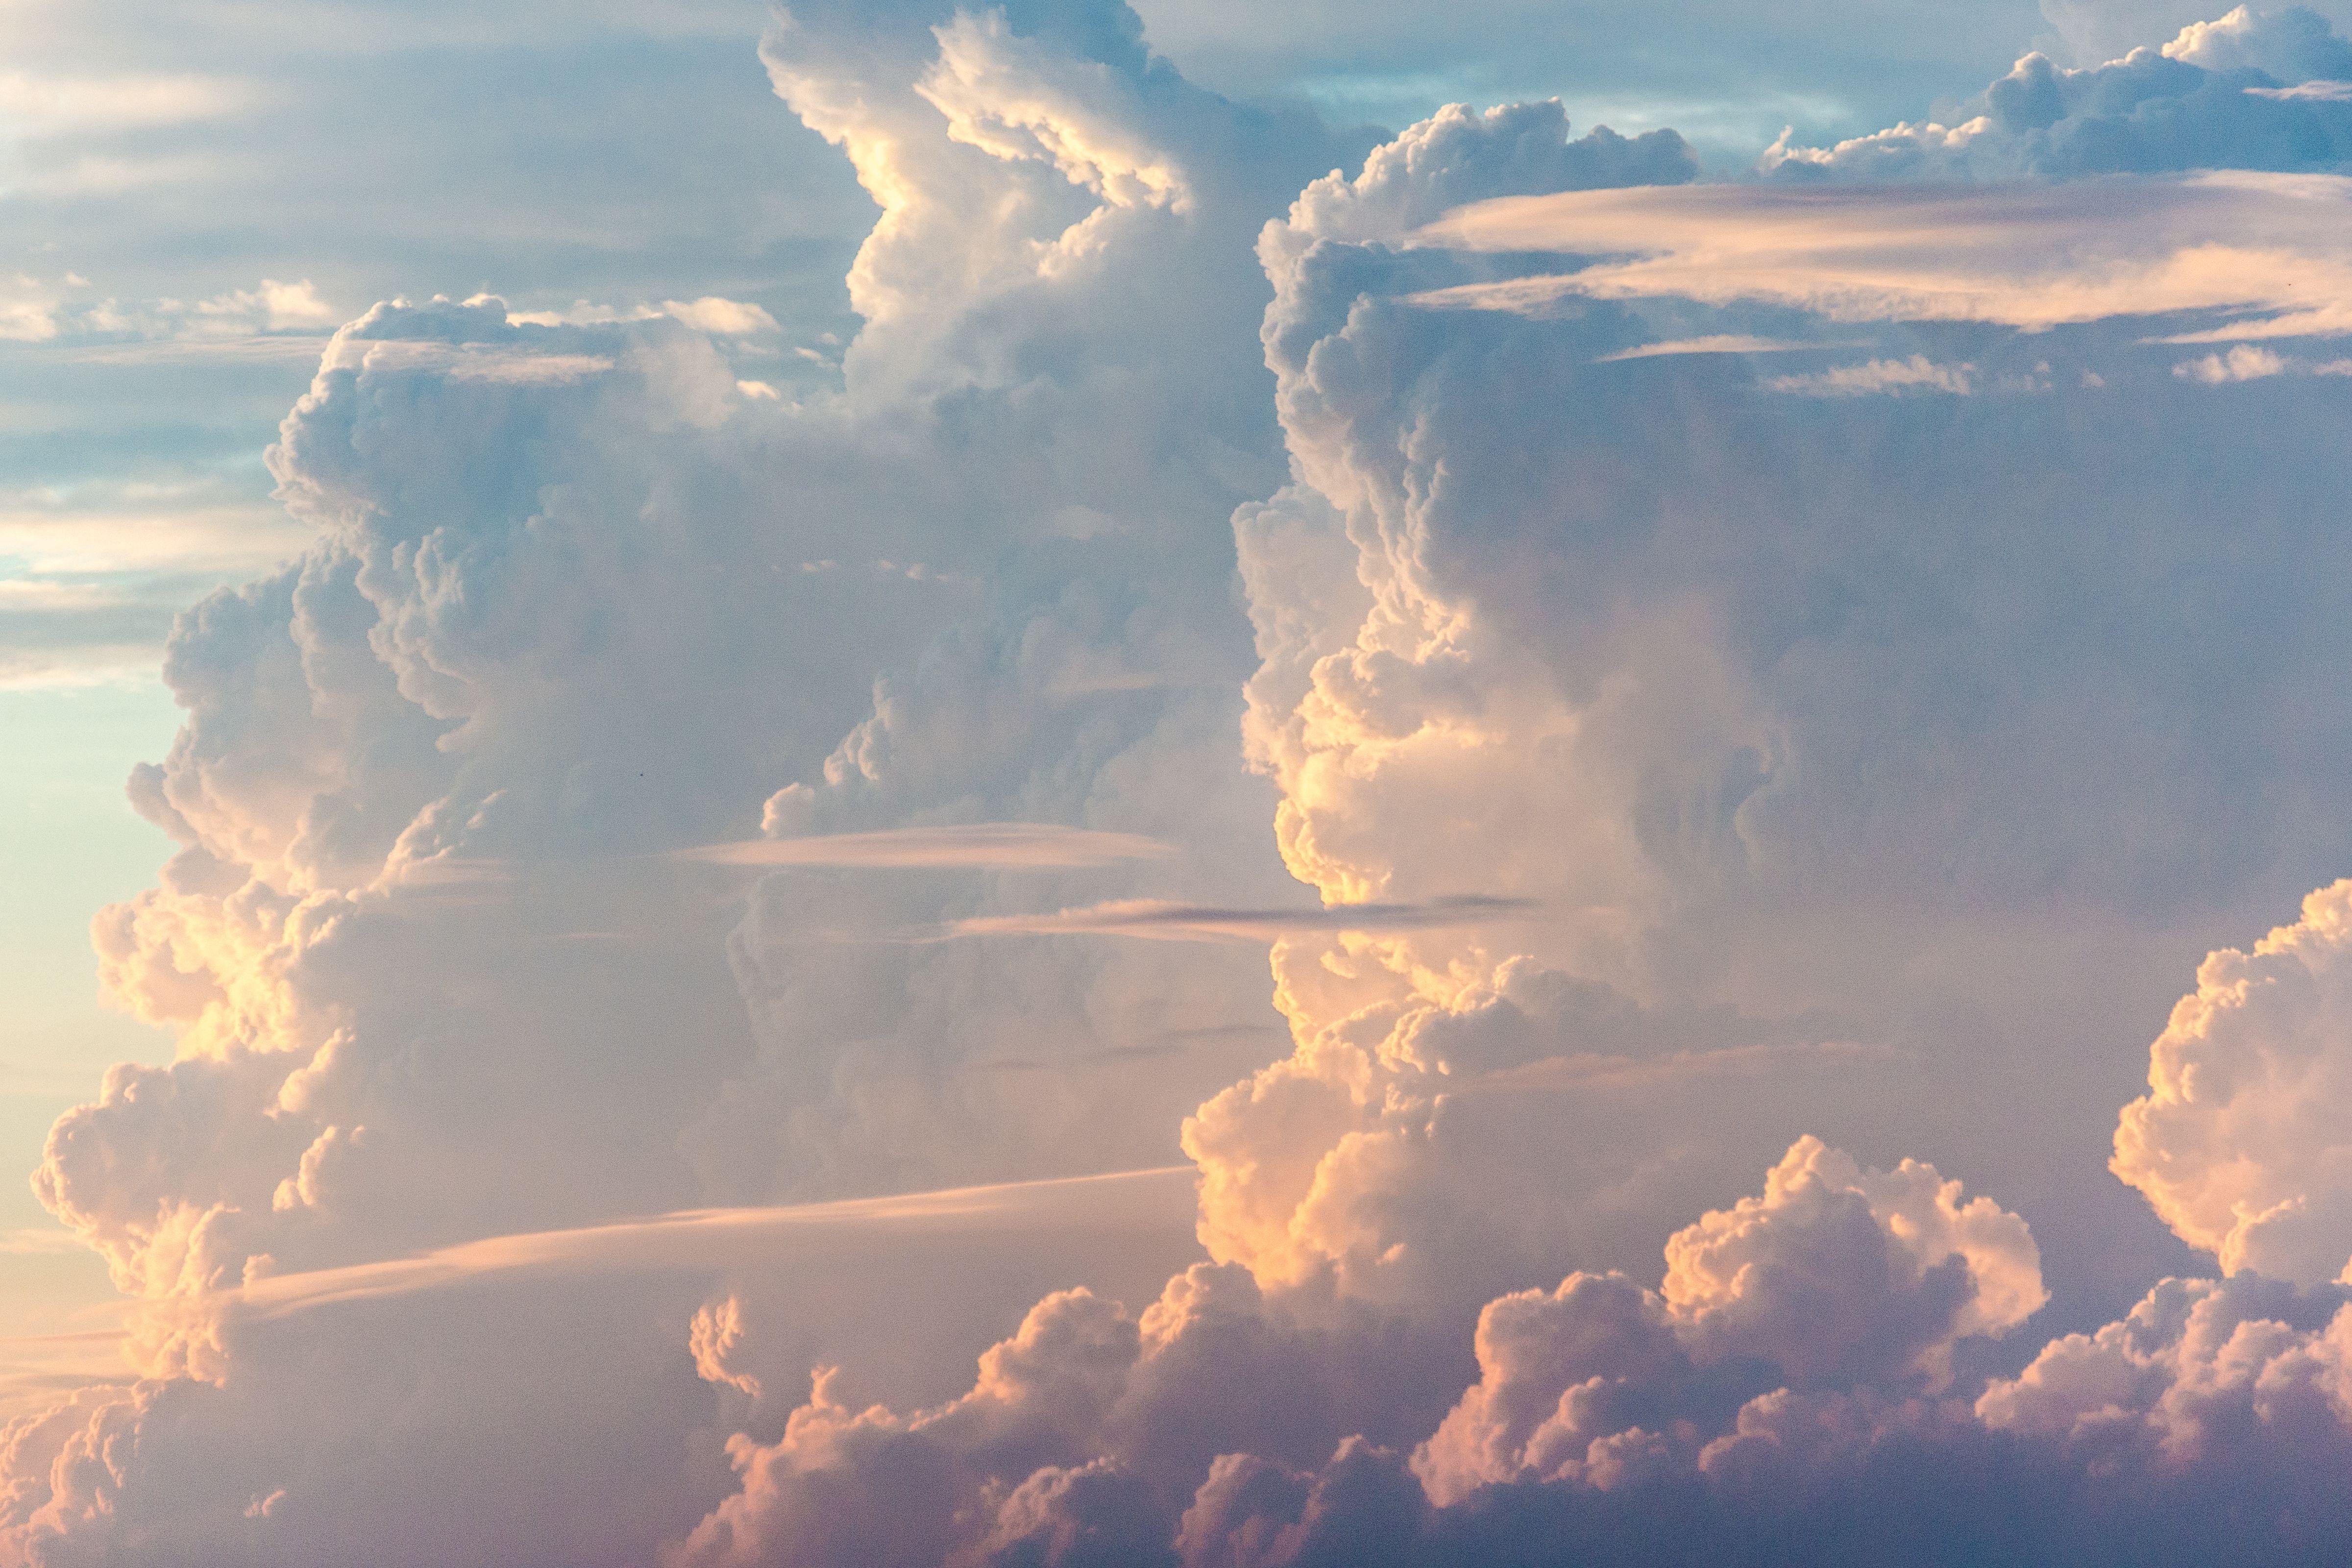 ThunderCumulonimbus is the quintessential thunderstorm cloud.